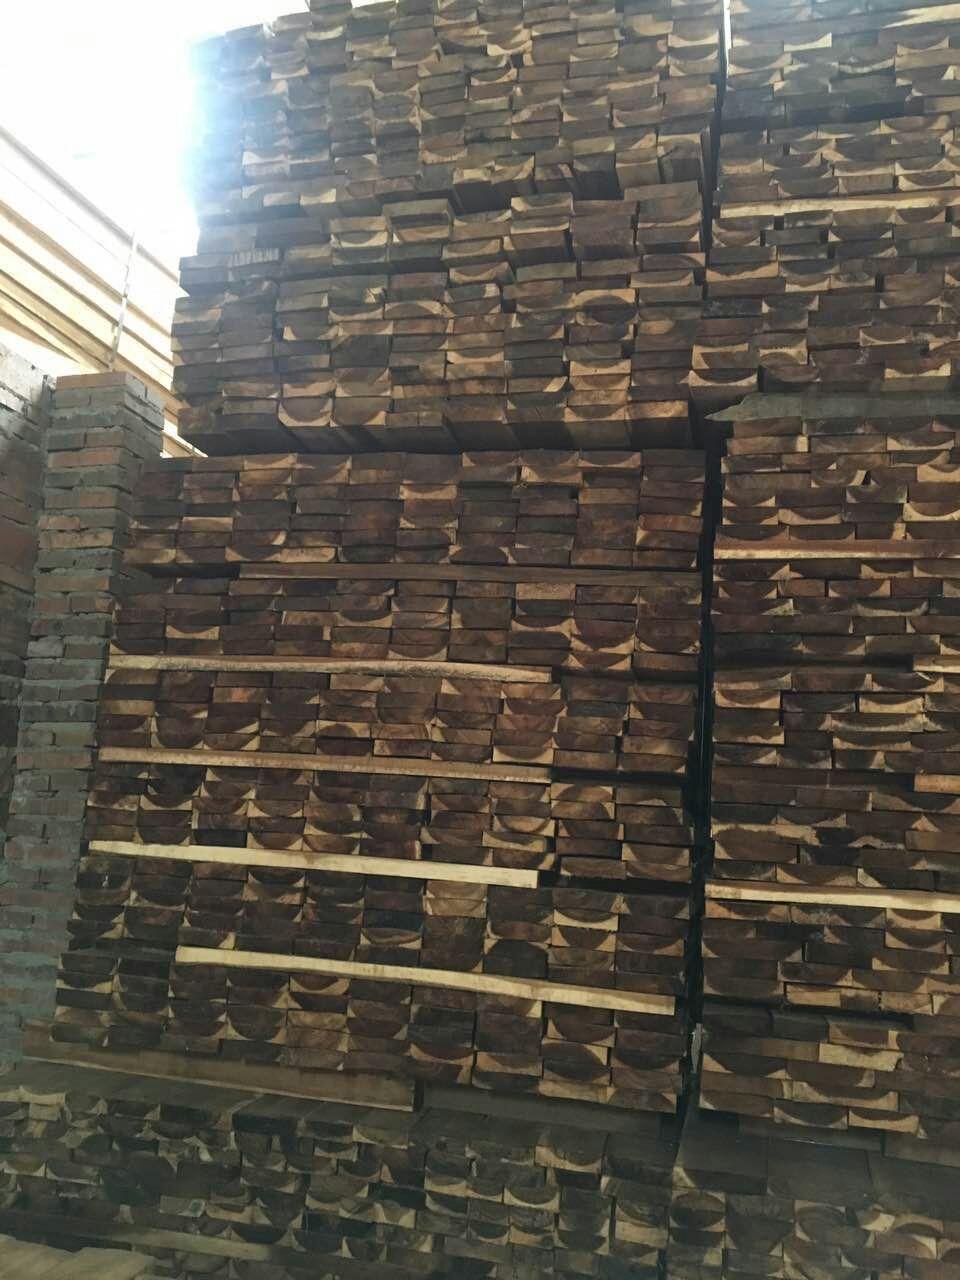 Acacia千赢国际登录千赢国际木材料